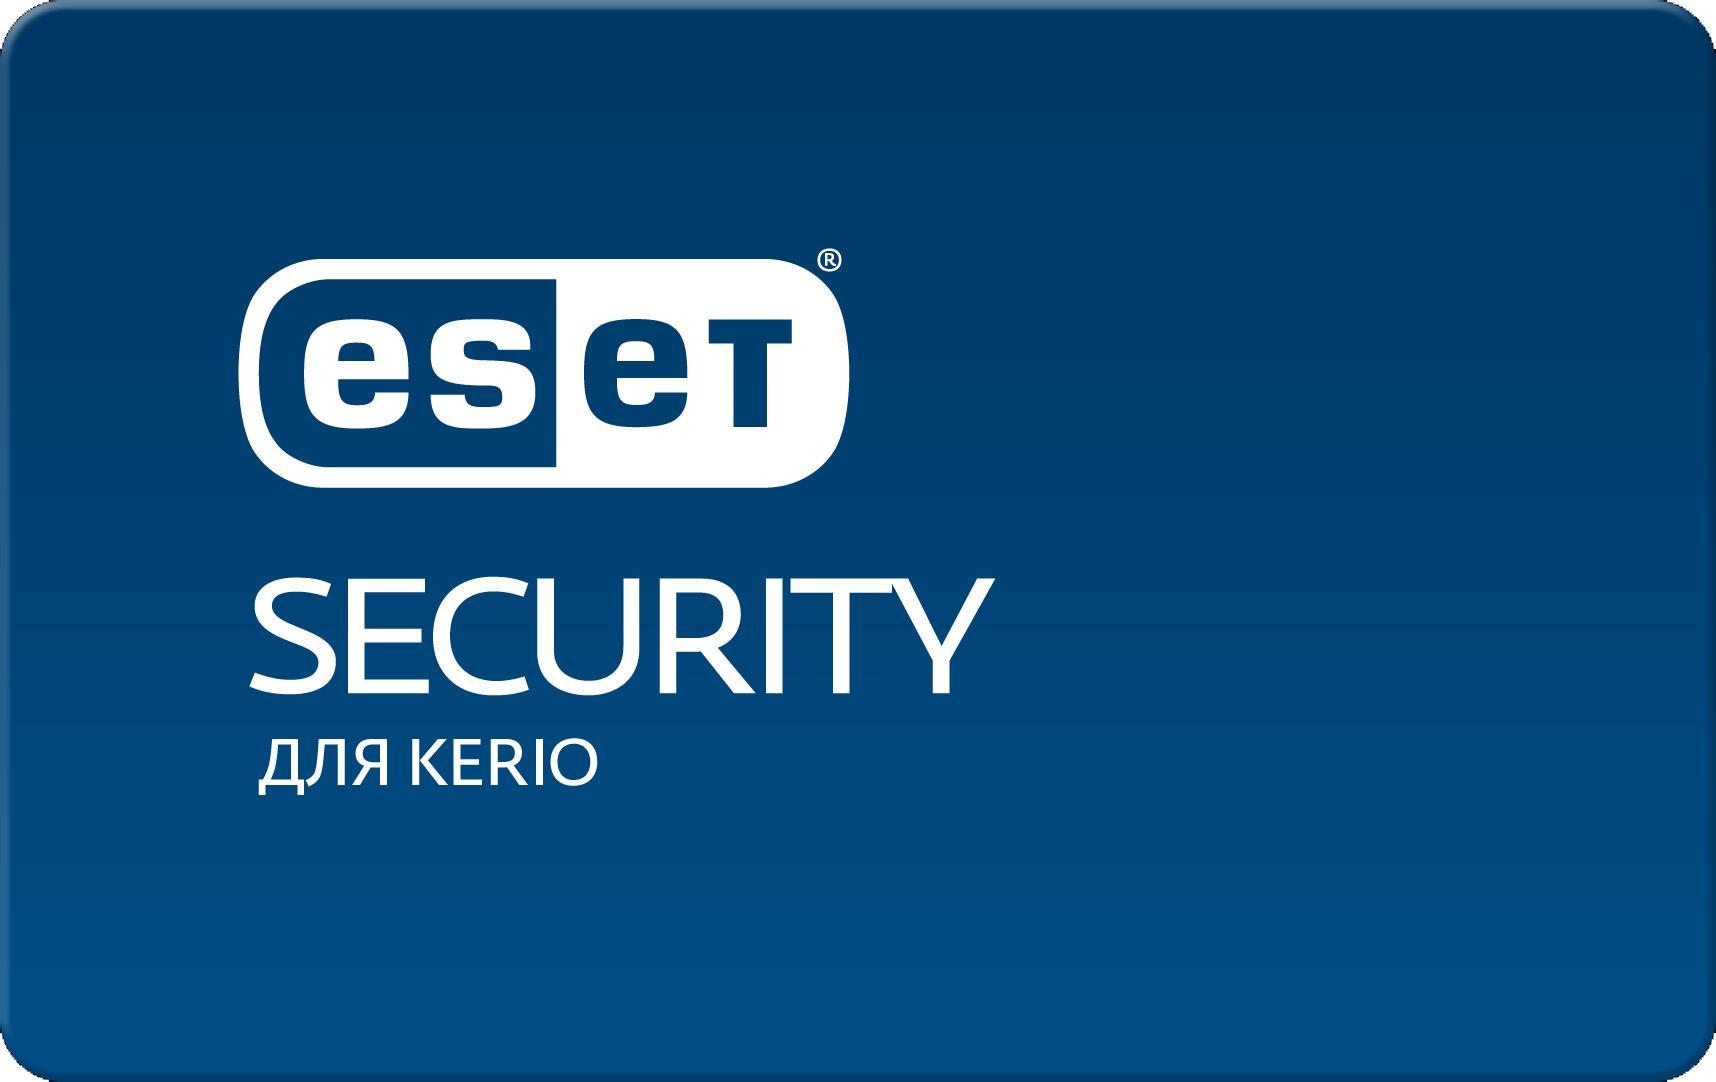 Защита почтовых серверов и интернет-шлюзов Eset Security для Kerio  для 12 пользователей